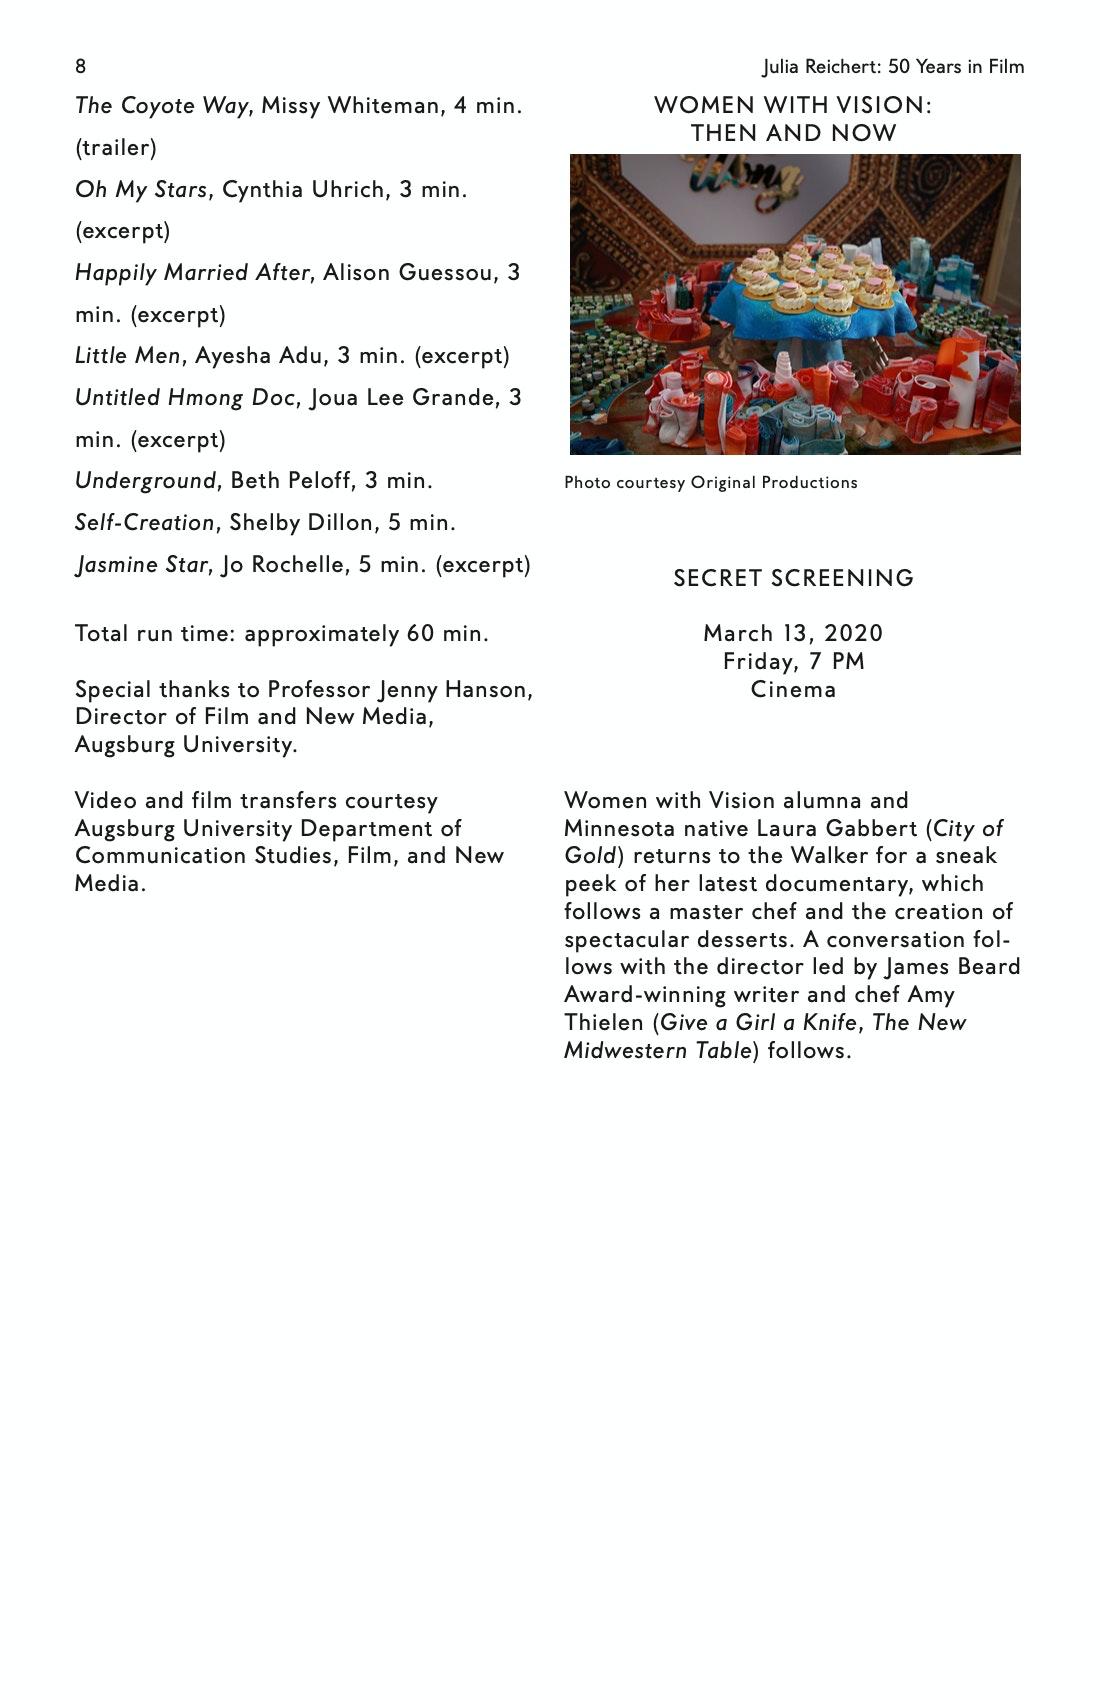 Julia Reichert Dialogue event brochure page 8